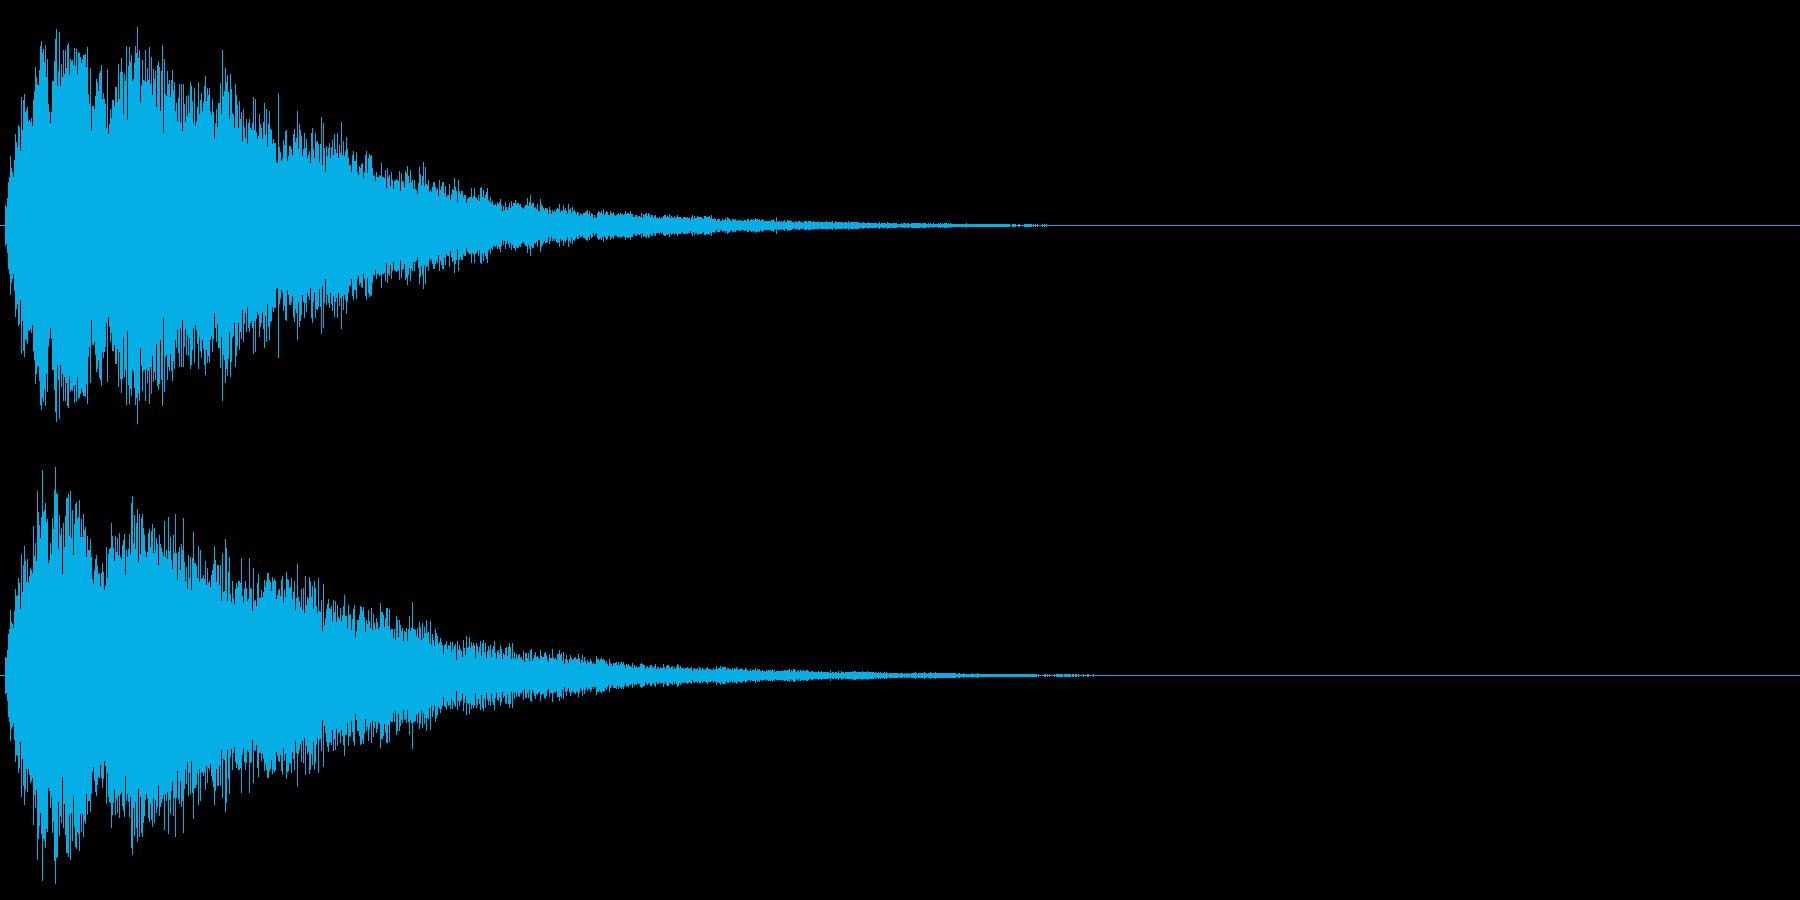 キラキラ☆ピキーン!(星の輝きや魔法)7の再生済みの波形